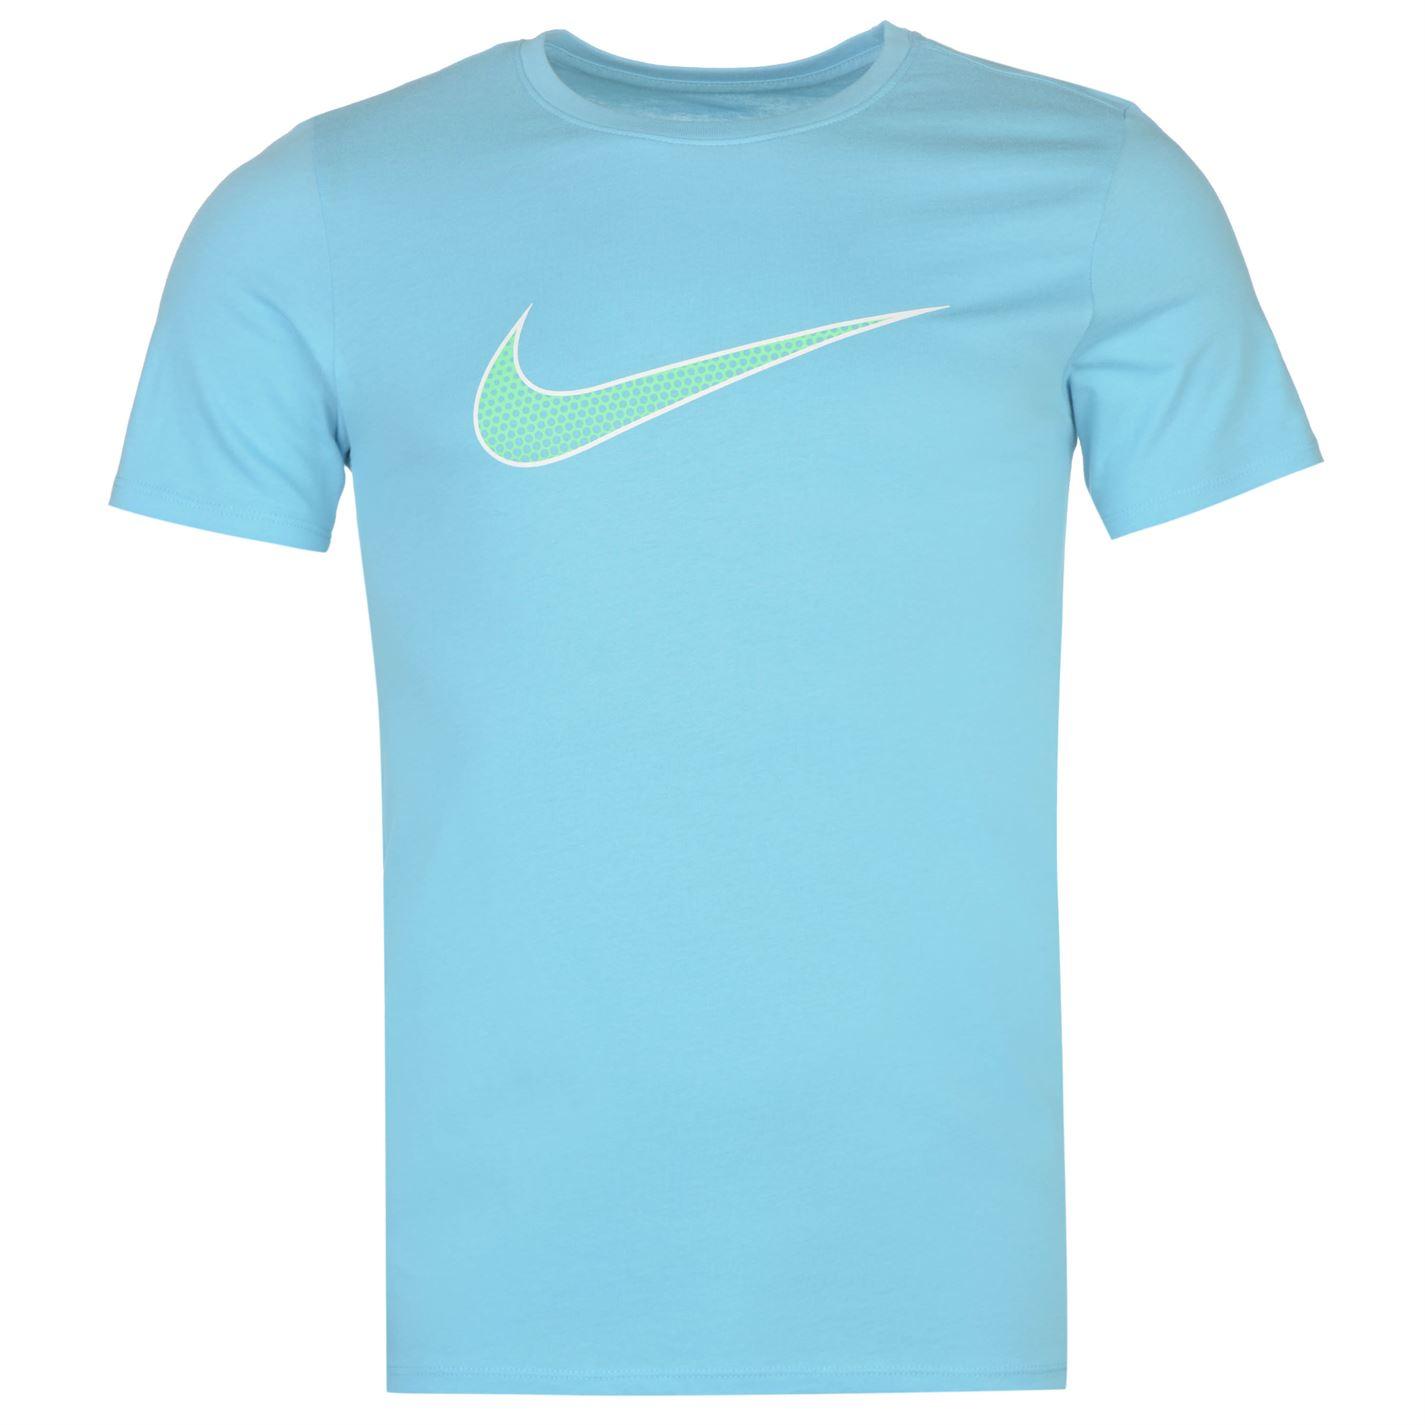 Mergi la Tricou Nike Ultra Swoosh QTT pentru Barbati